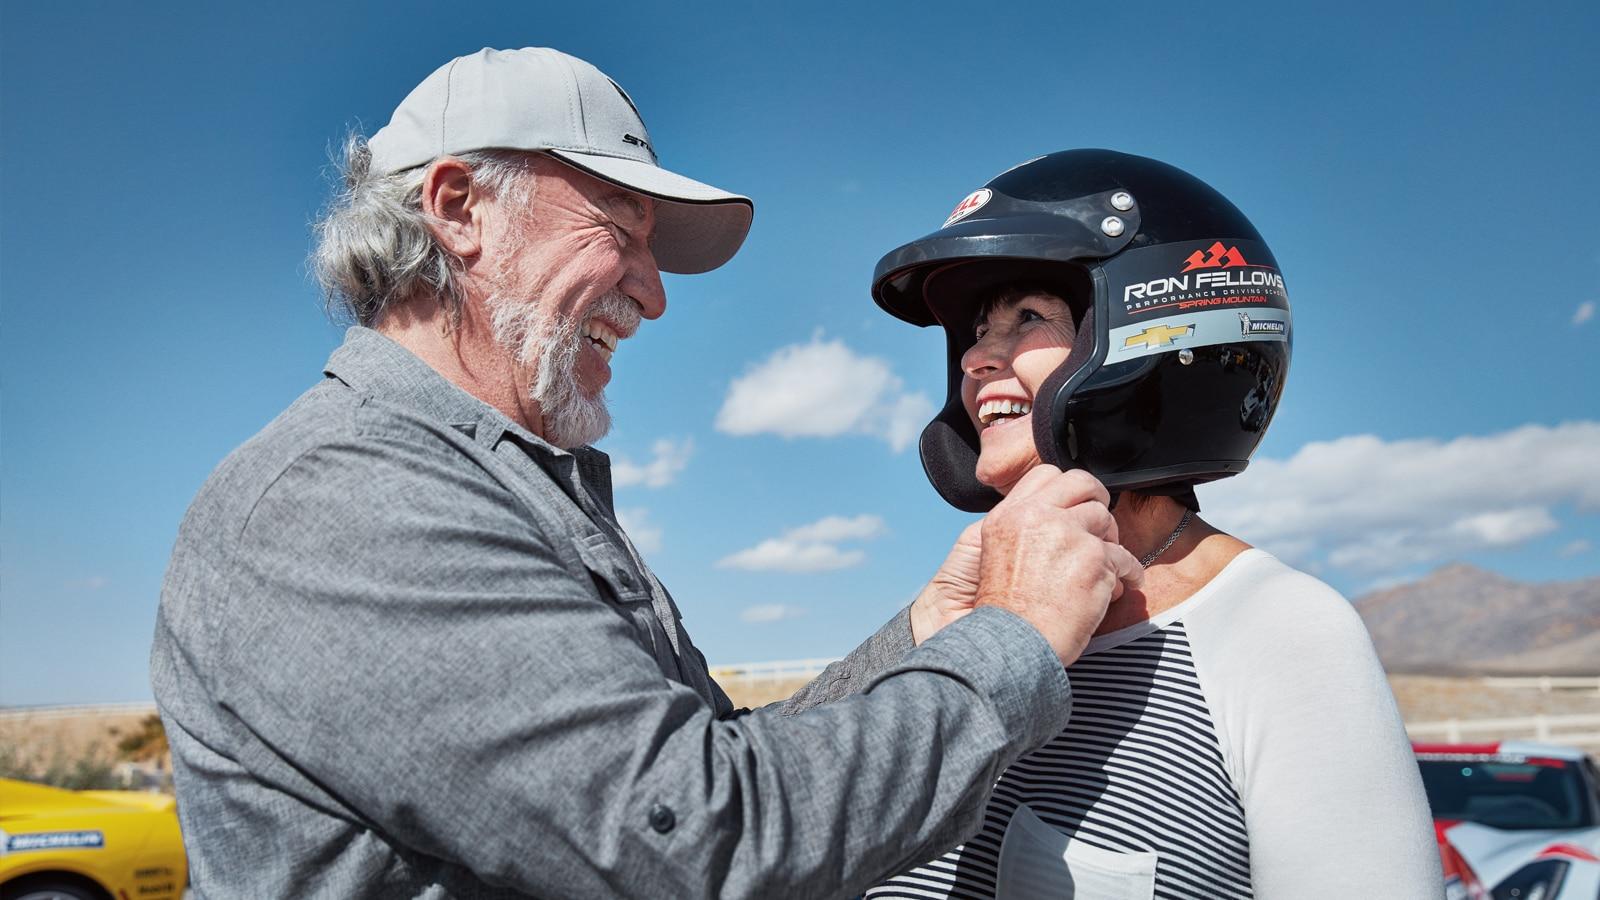 Un hombre ayuda a una estudiante a ajustarse el casco.